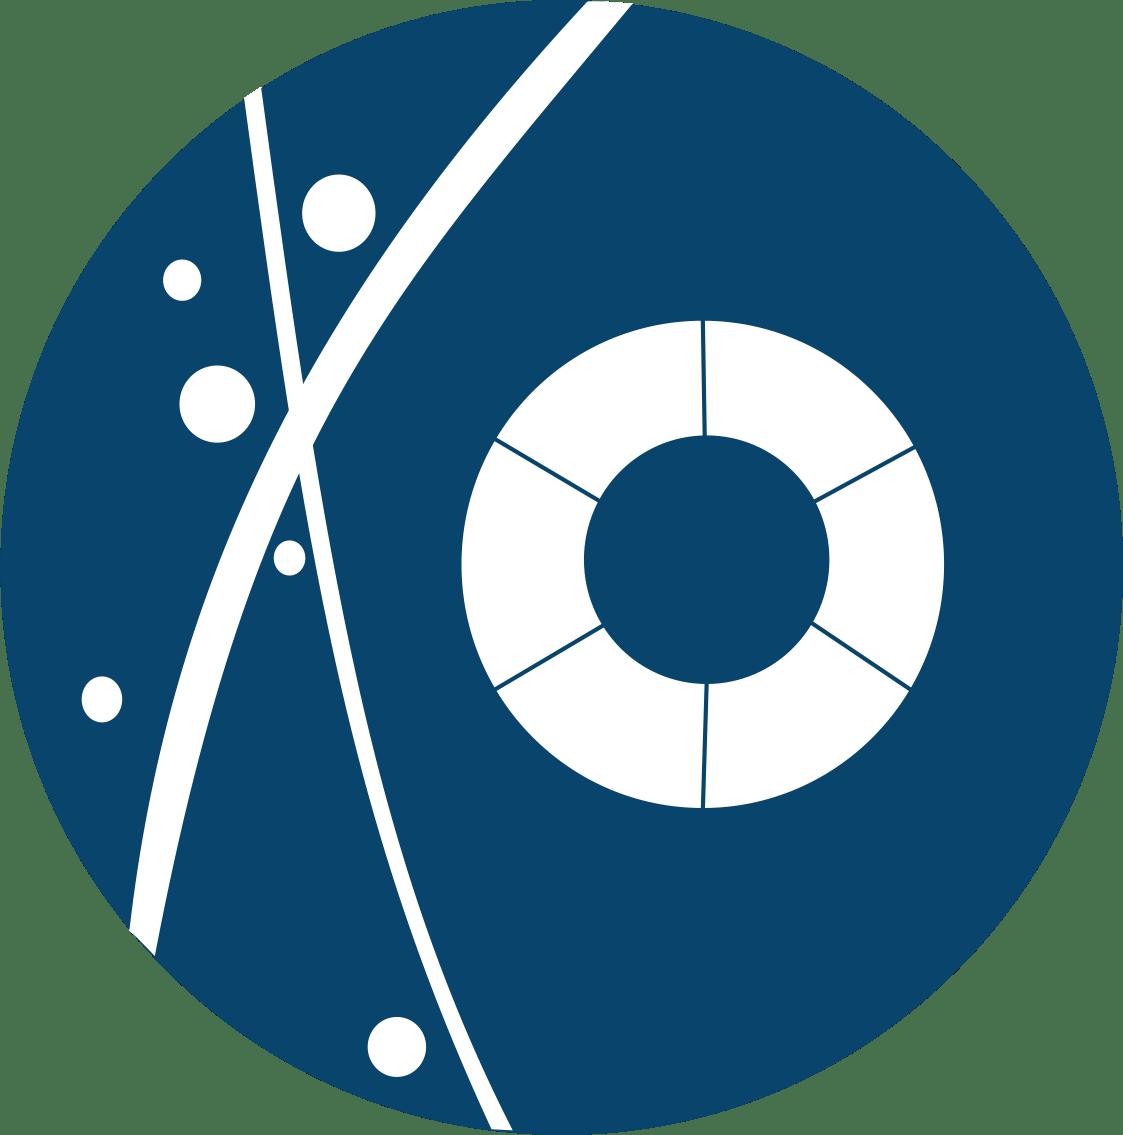 новое лого 4